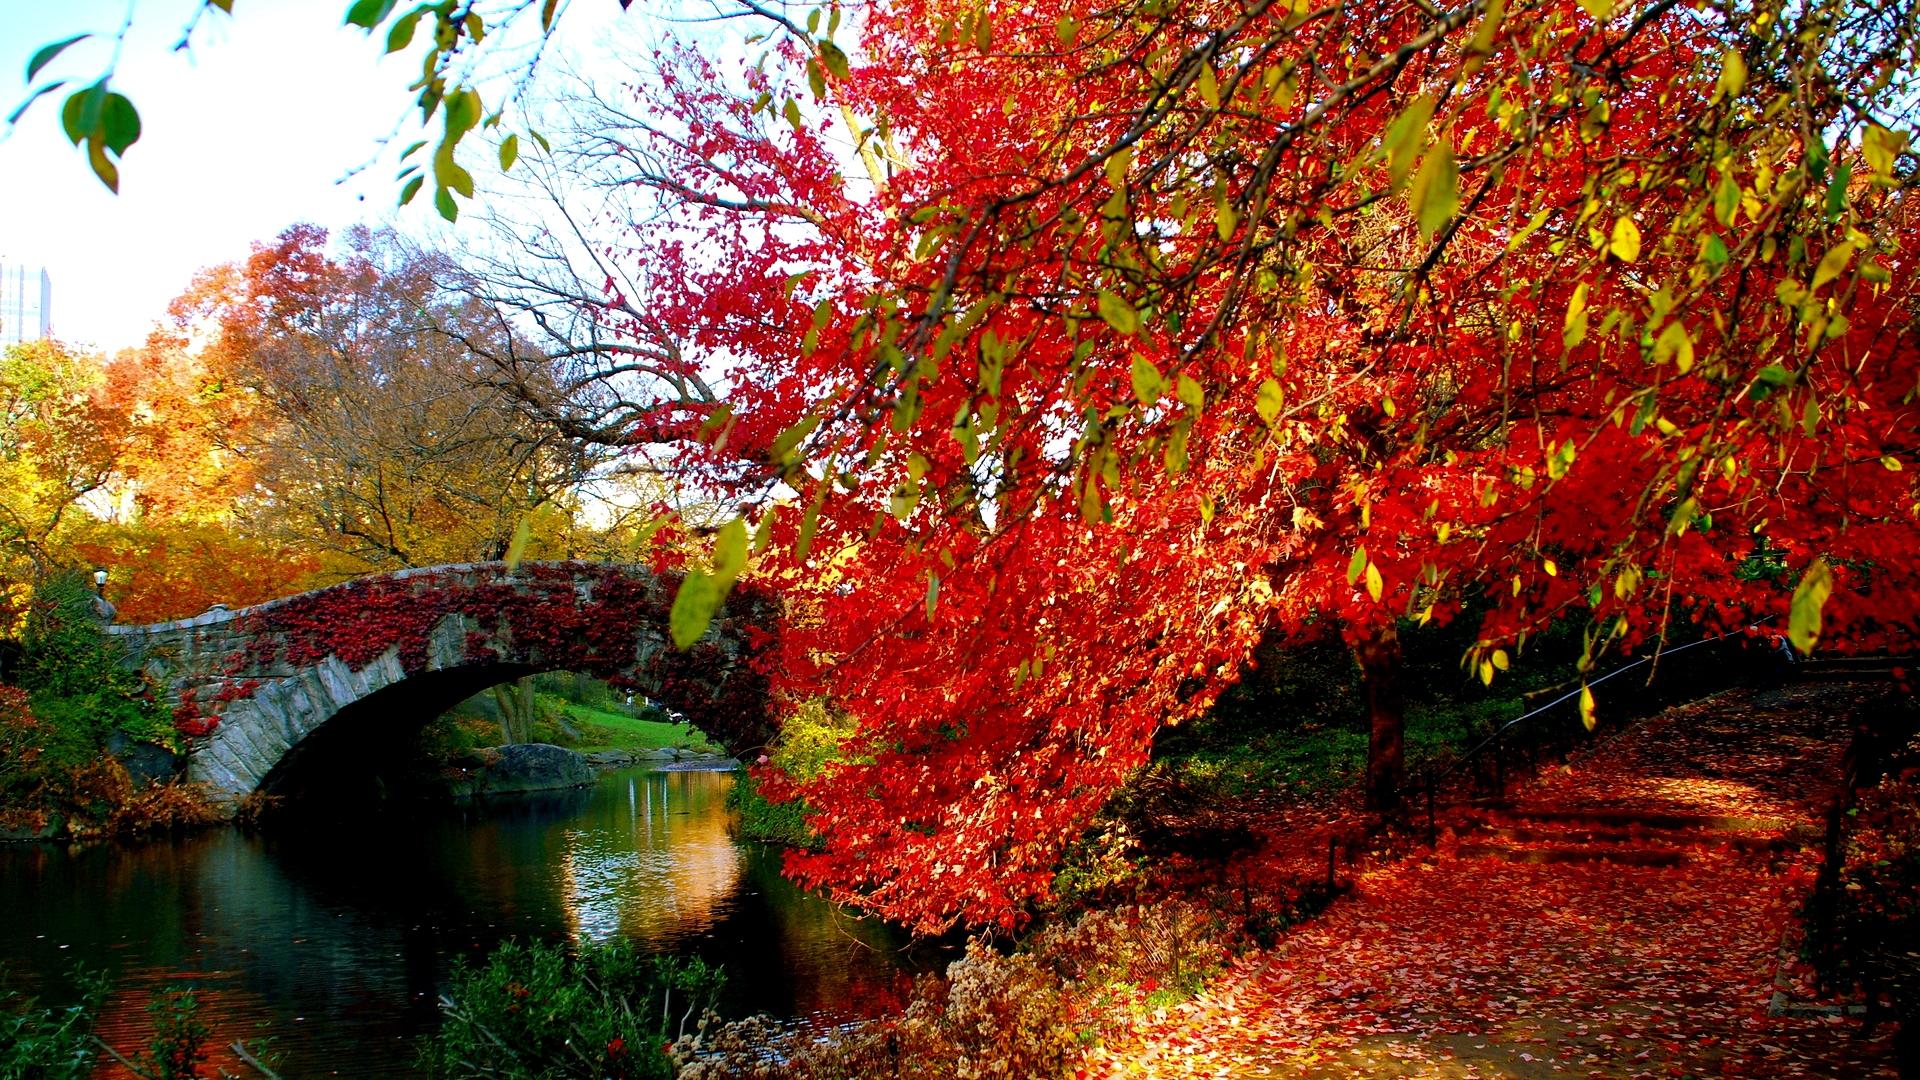 Hình nền mùa thu Autumn7c